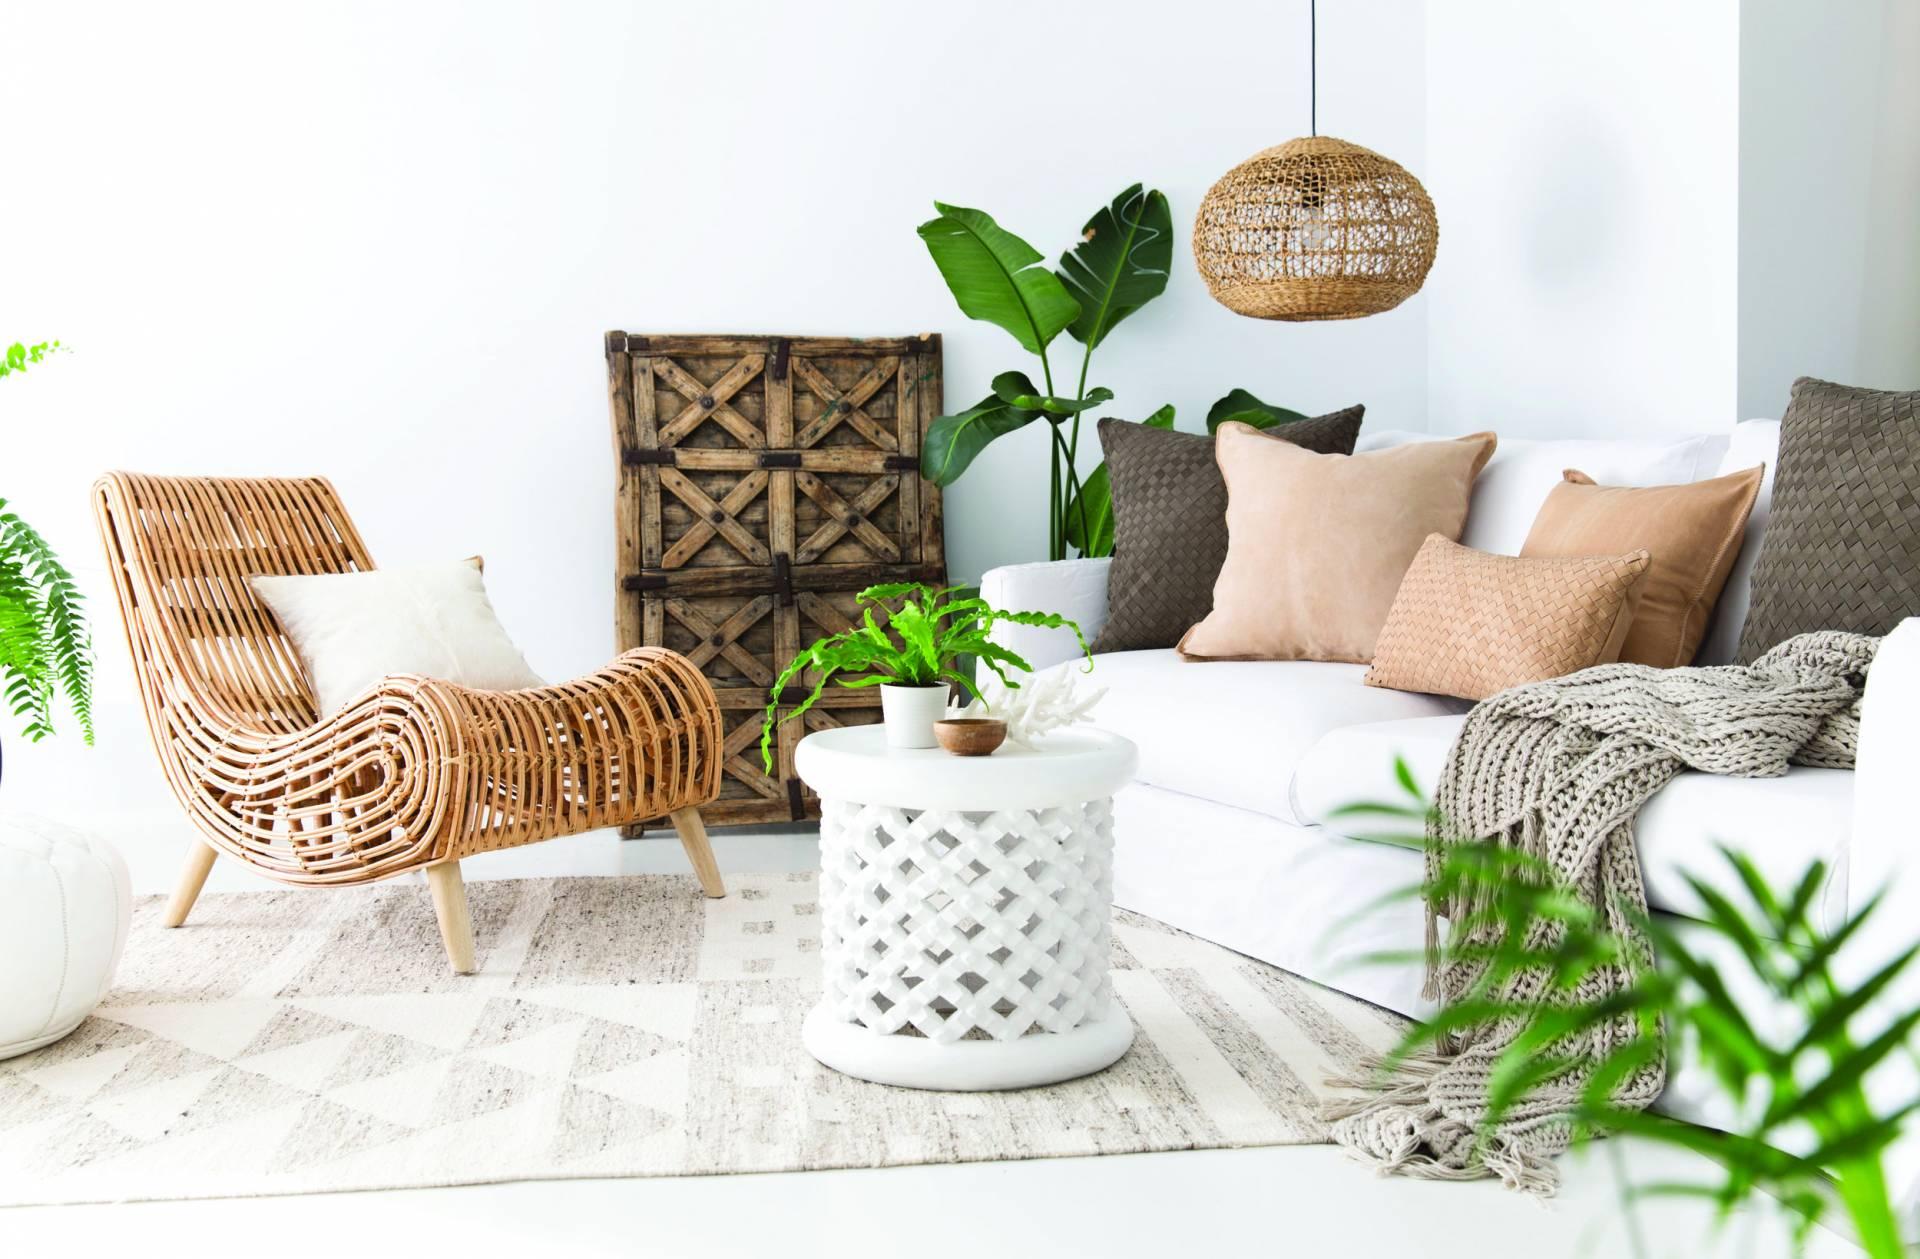 Làm thế nào để chọn một chiếc sofa sử dụng lâu dài